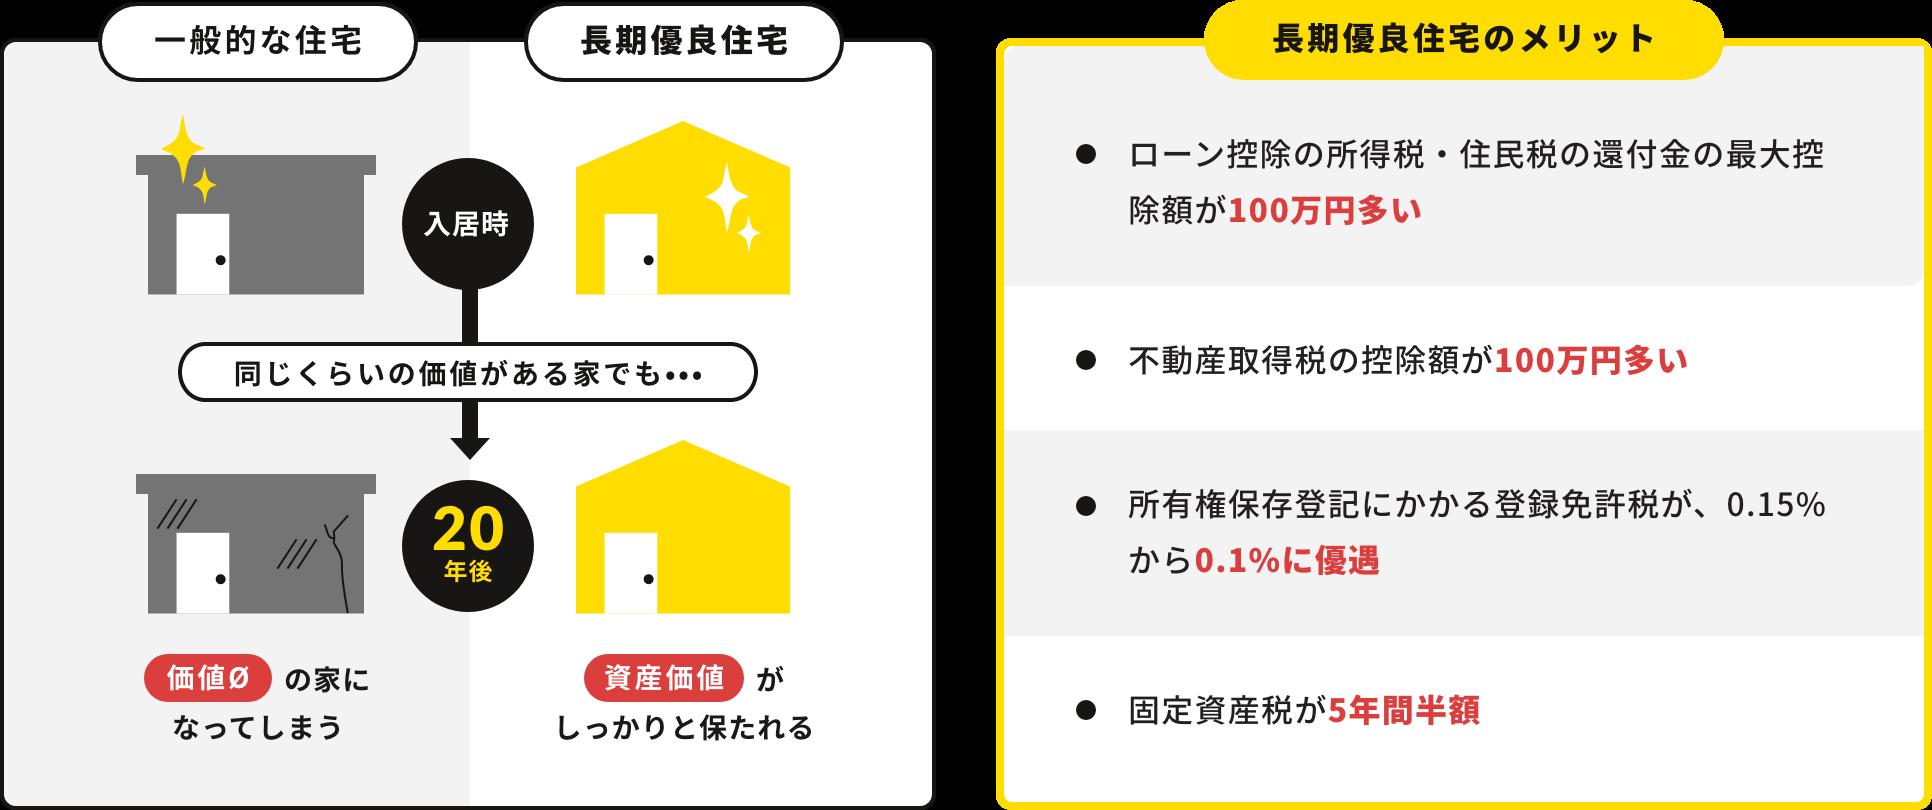 長期優良住宅で資産価値を守る